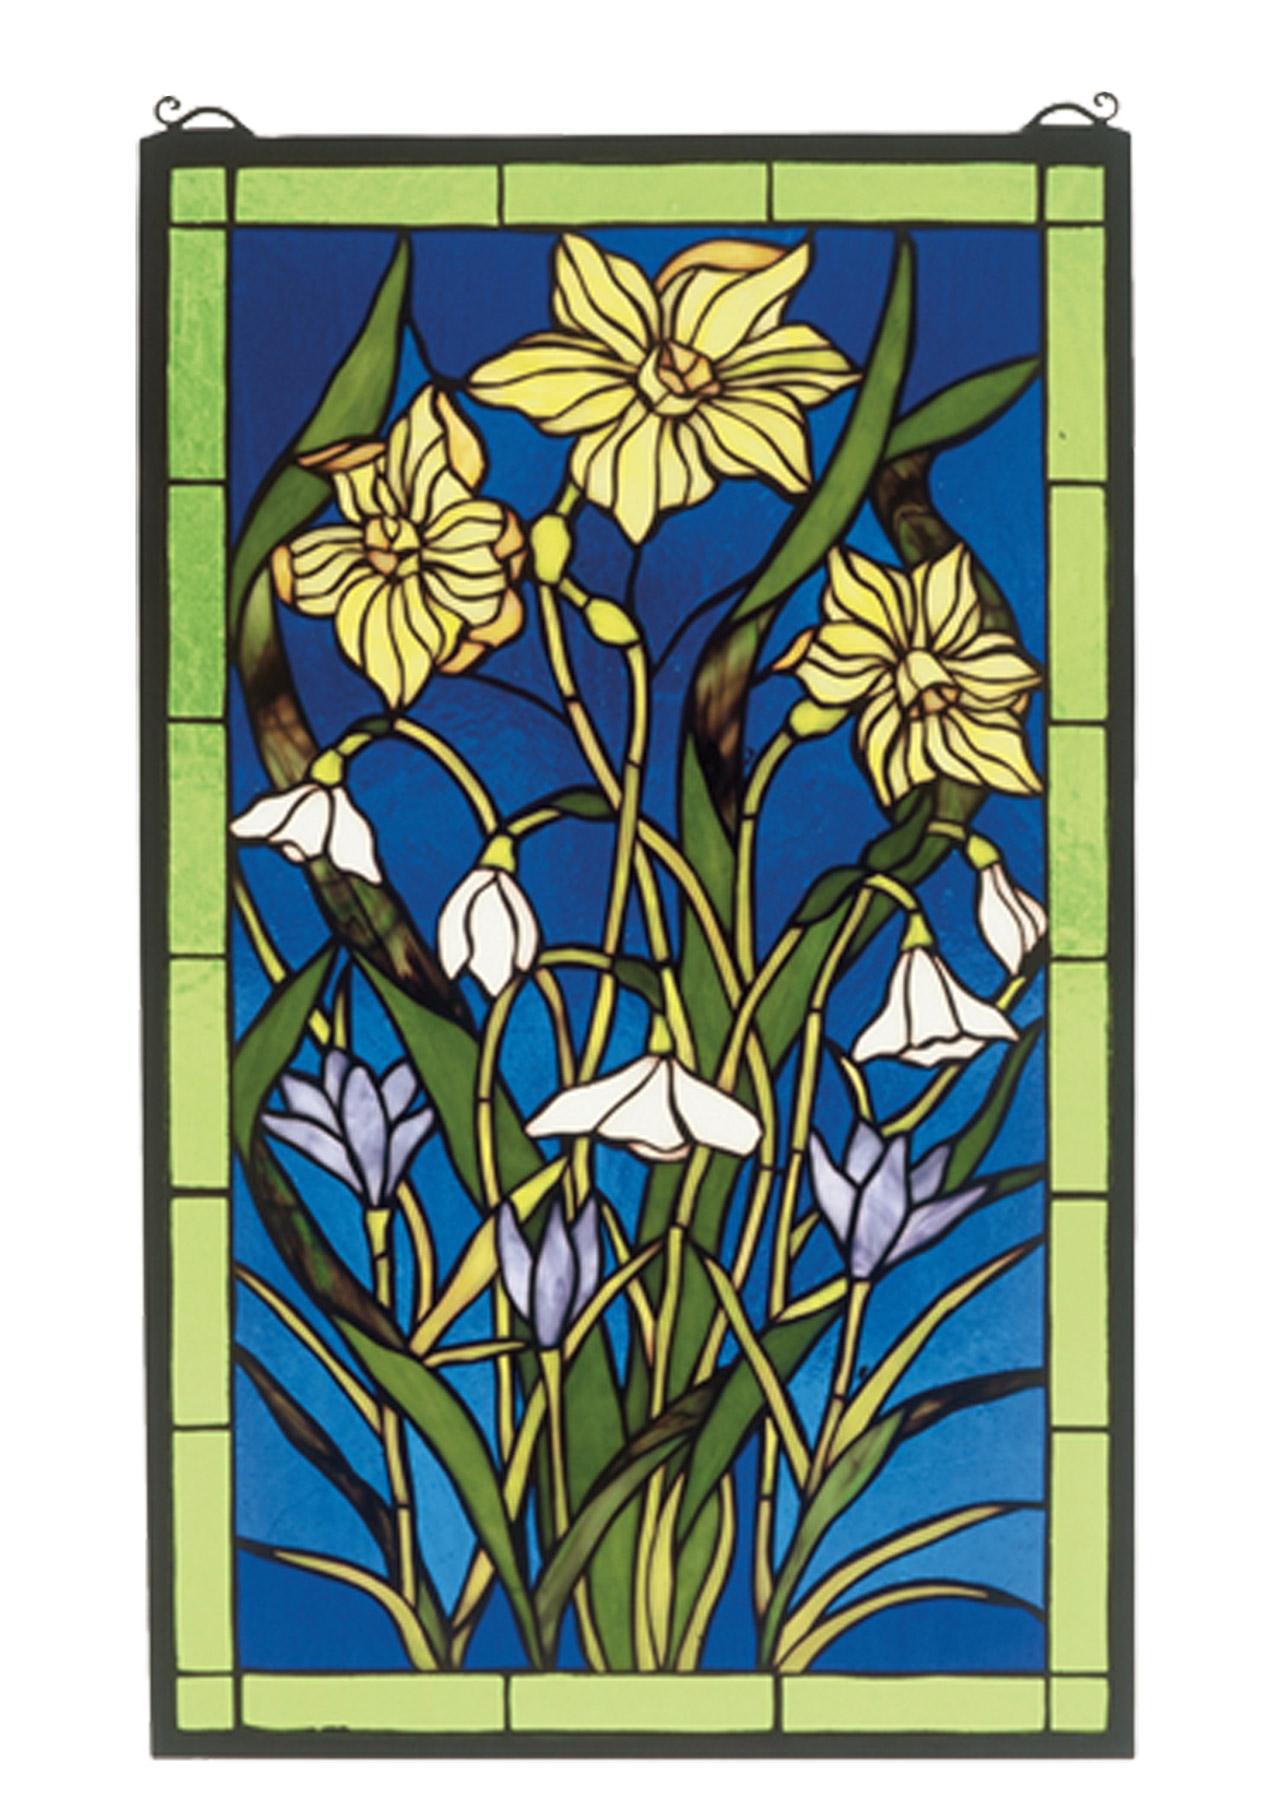 Meyda 38738 Tiffany Spring Bouquet Stained Glass Window